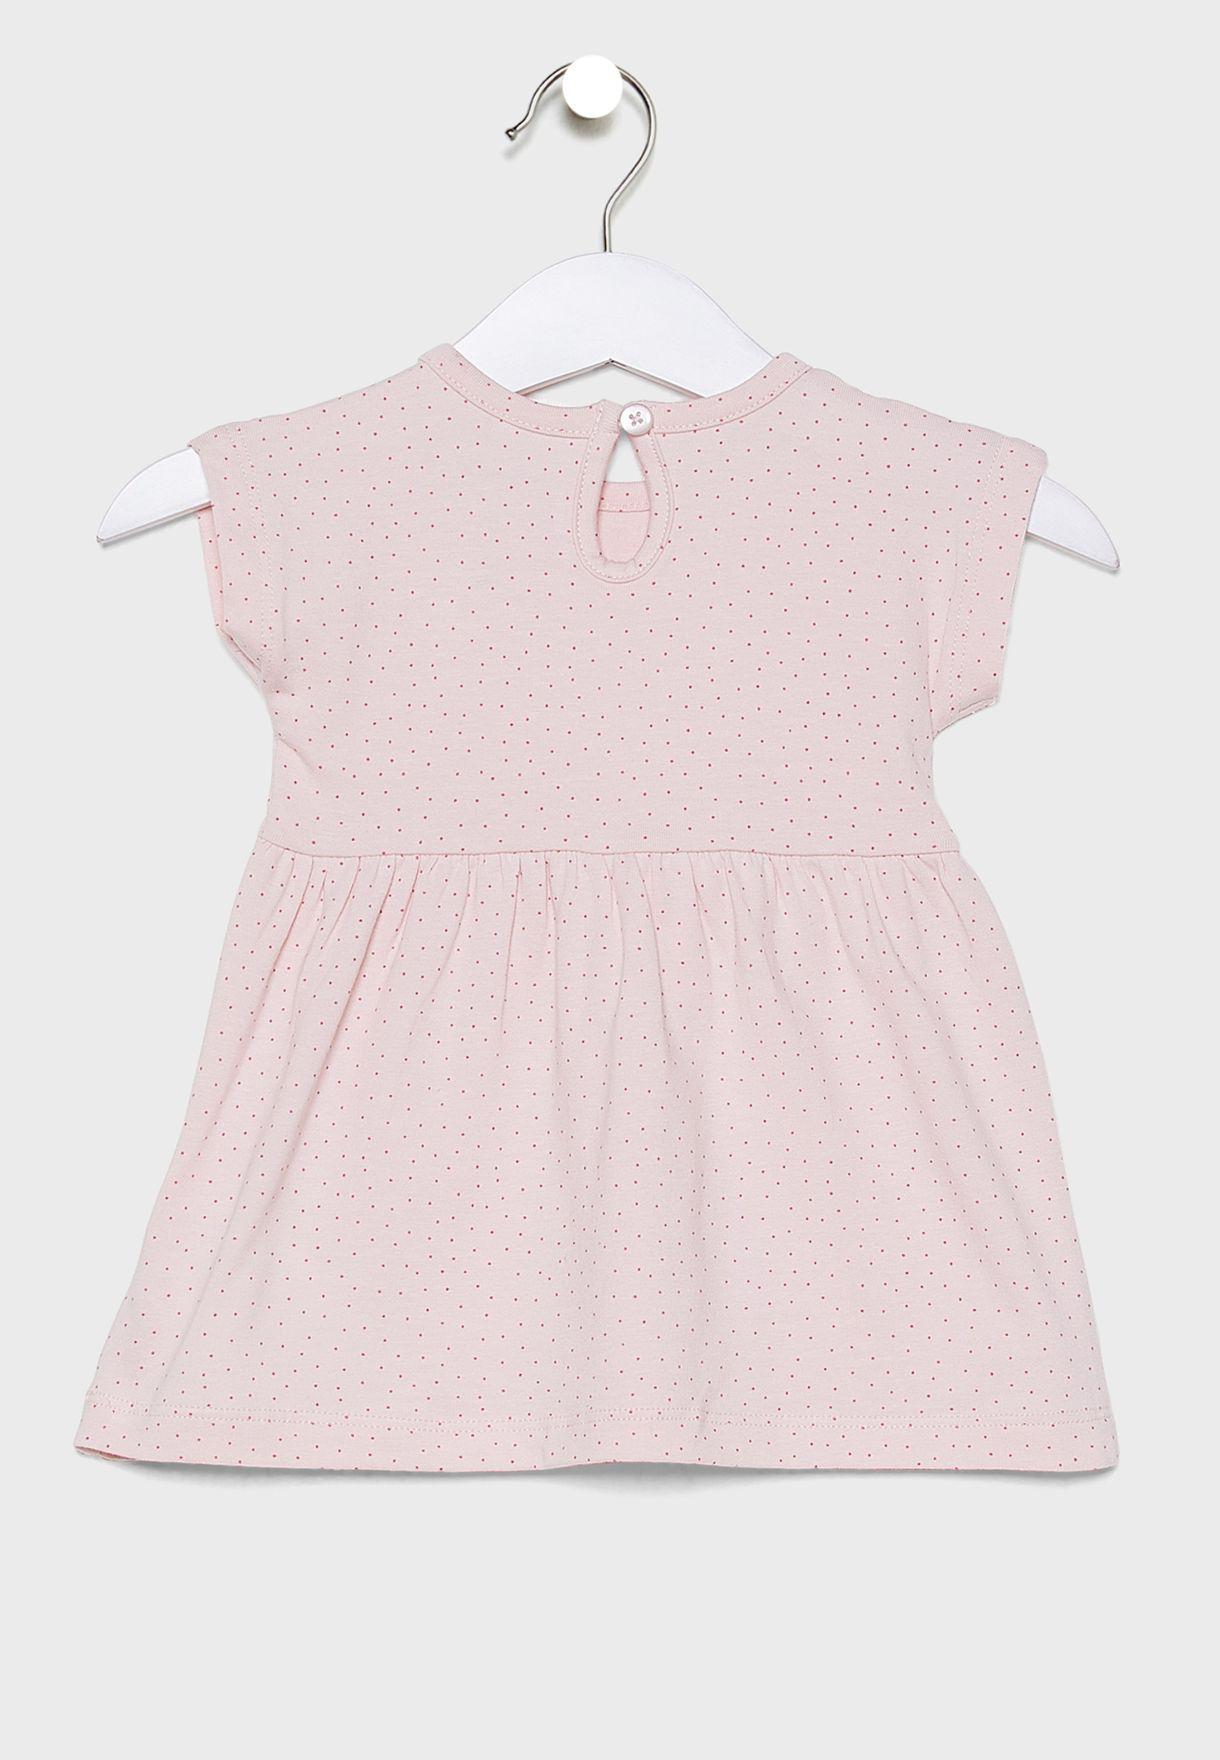 فستان اطفال مزين بطير